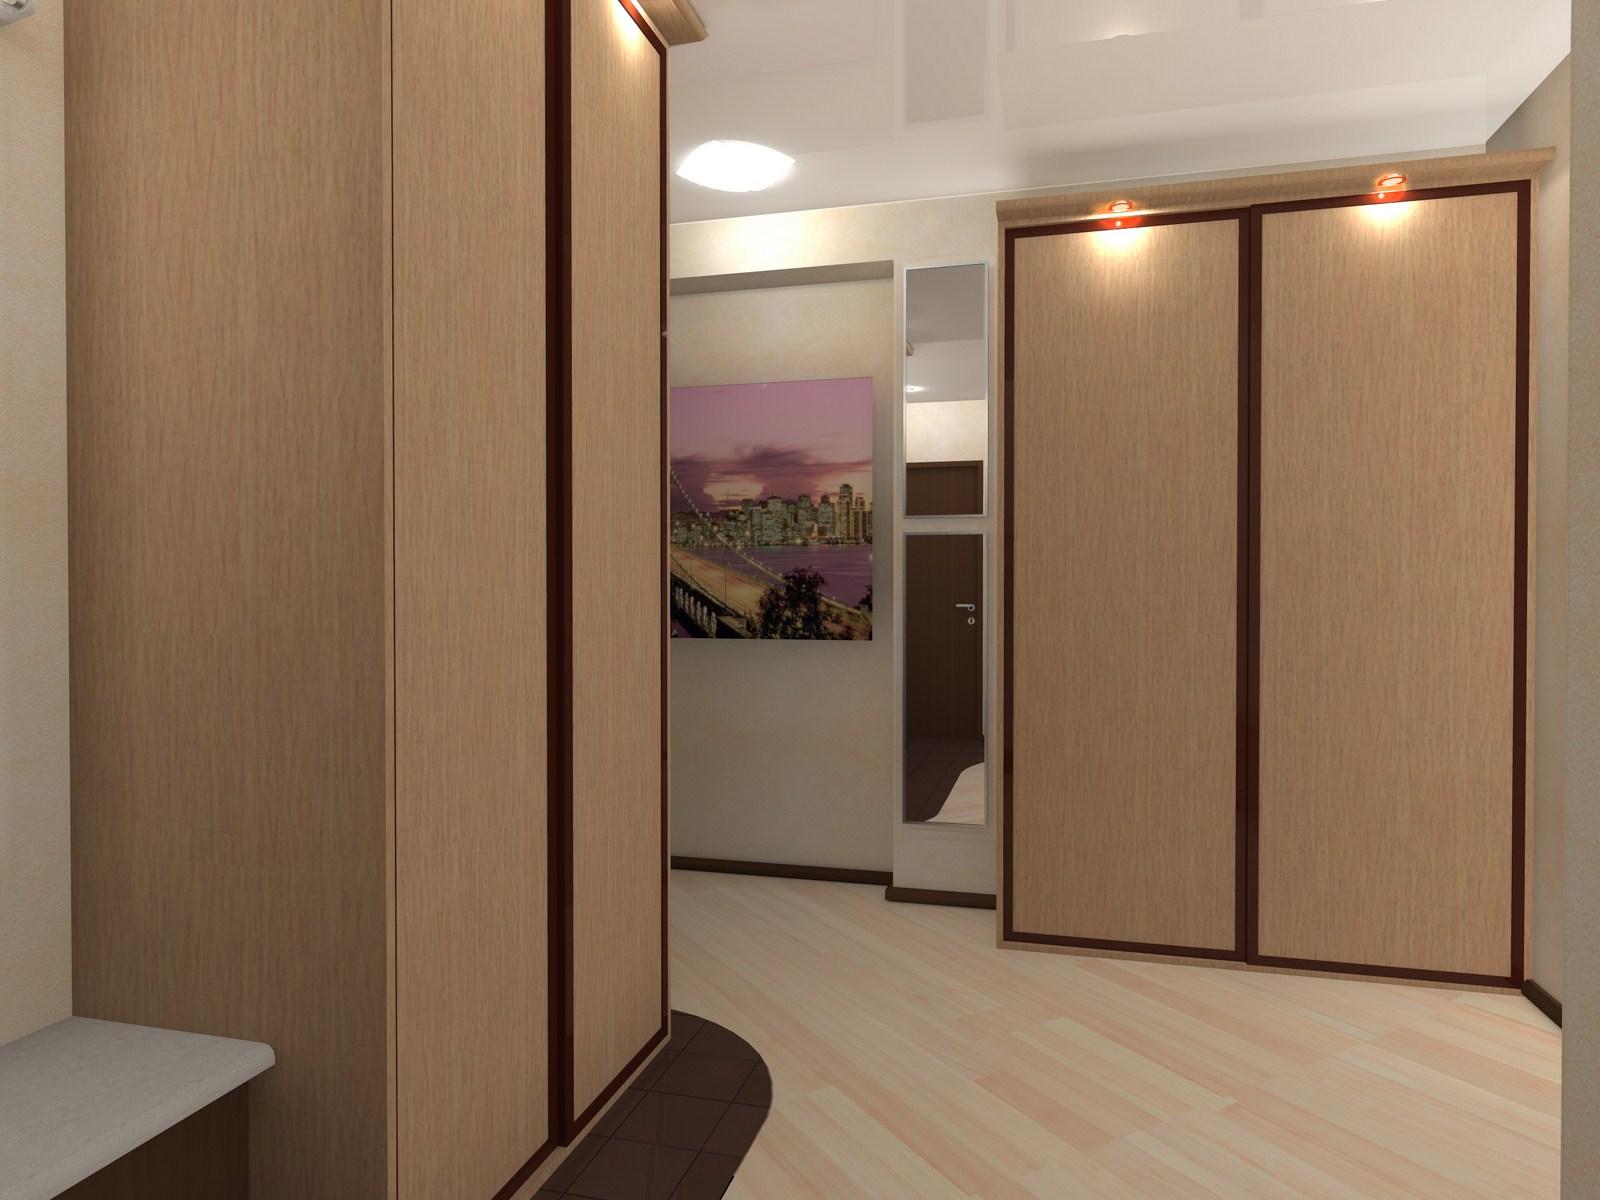 Размещение шкафов в коридоре